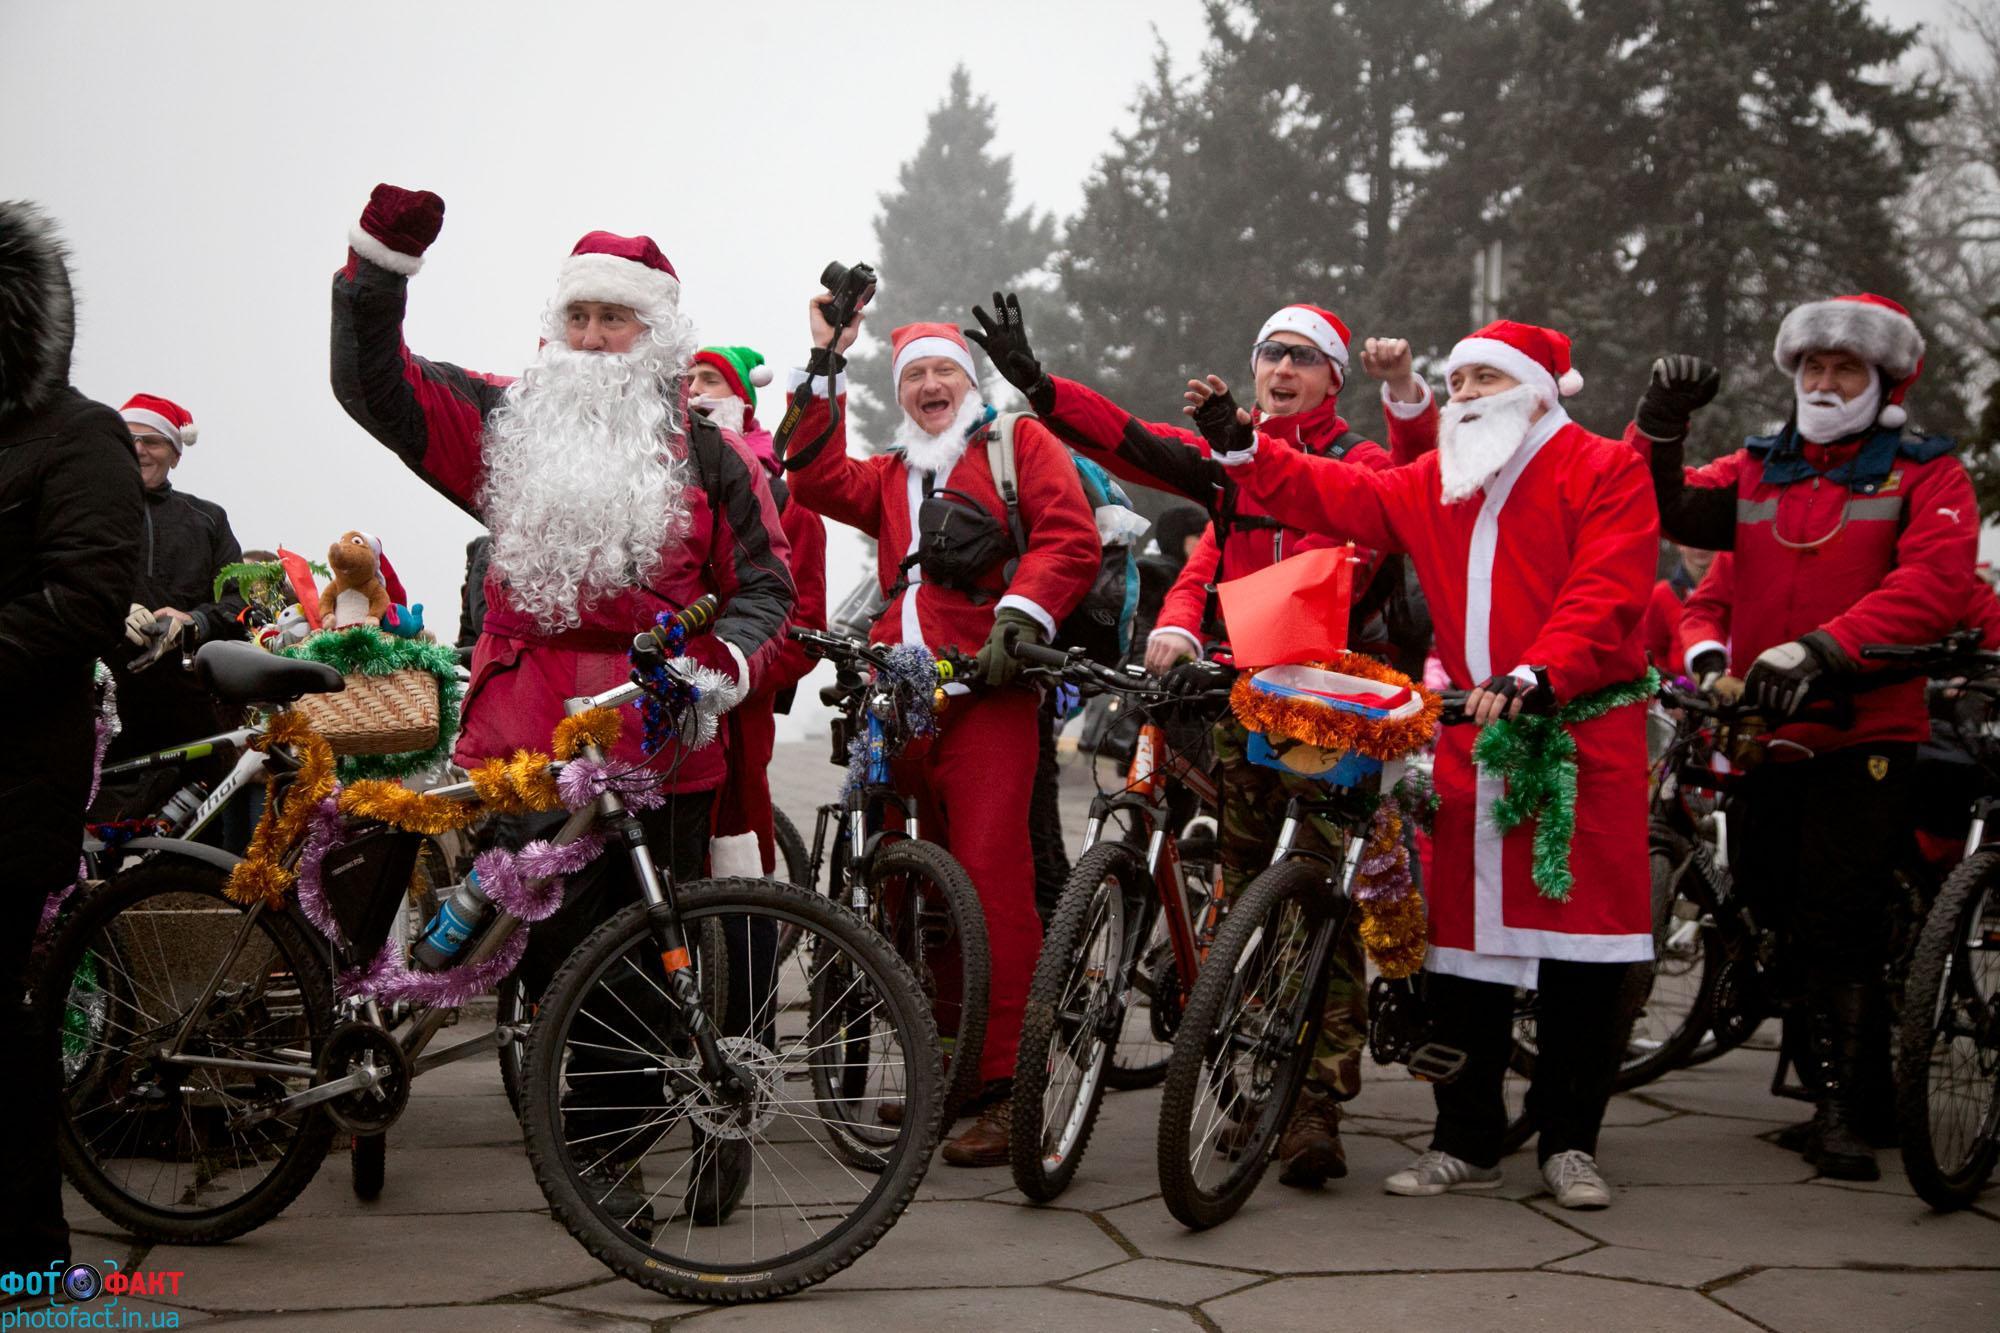 Запорожцы вместо Деда Мороза увидят нового персонажа